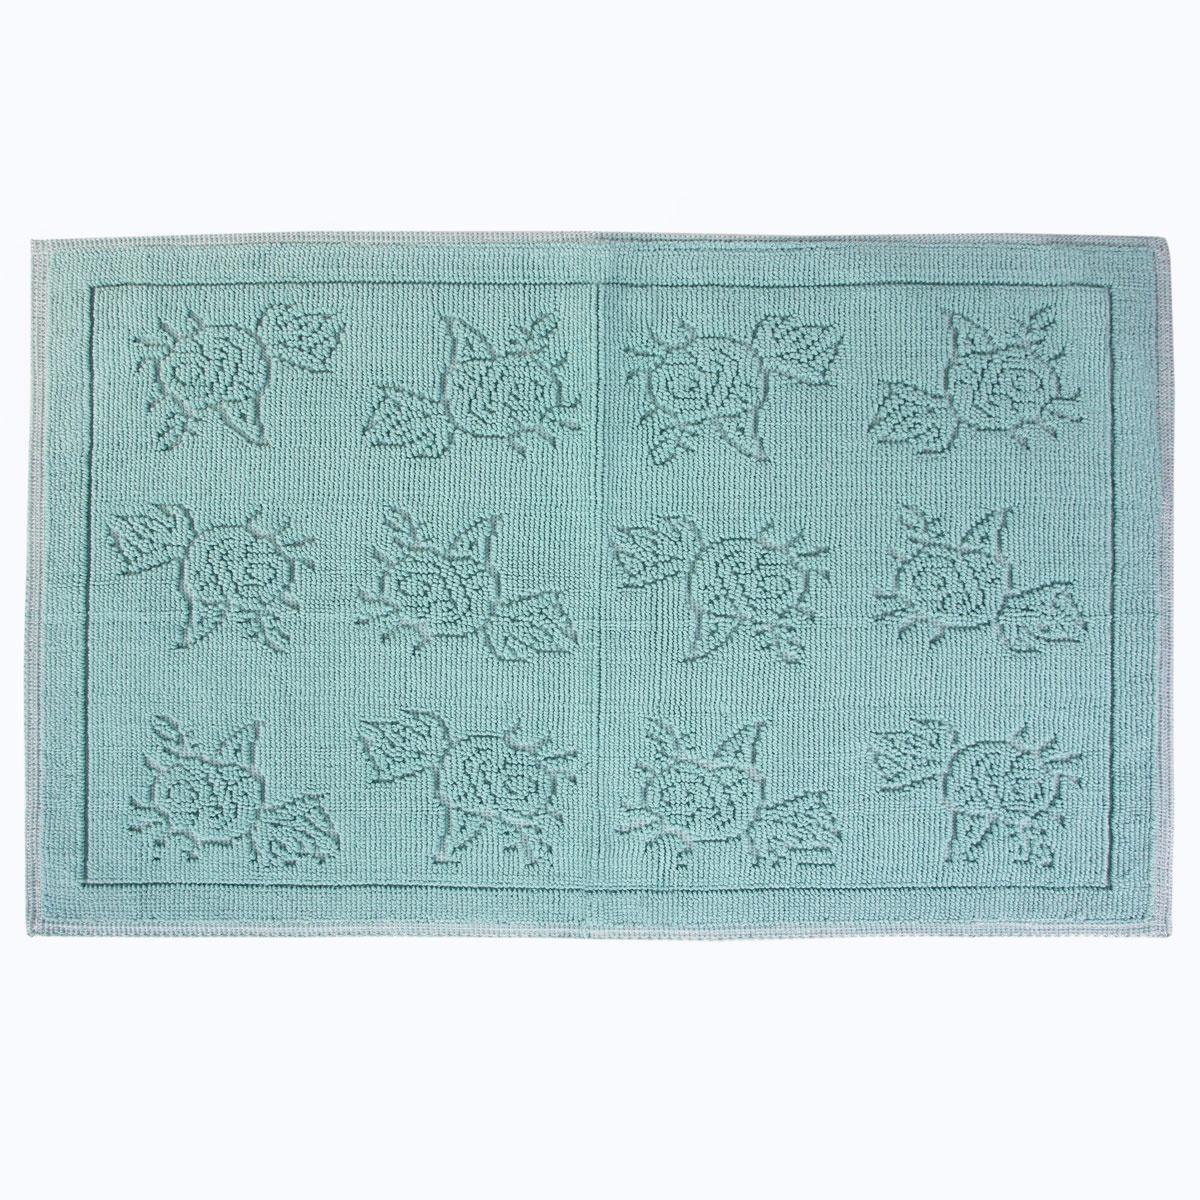 Коврик для ванной Arya home collection Camellia, зеленый коврик arya 60х100 2 пр assos бирюзовый 1126860